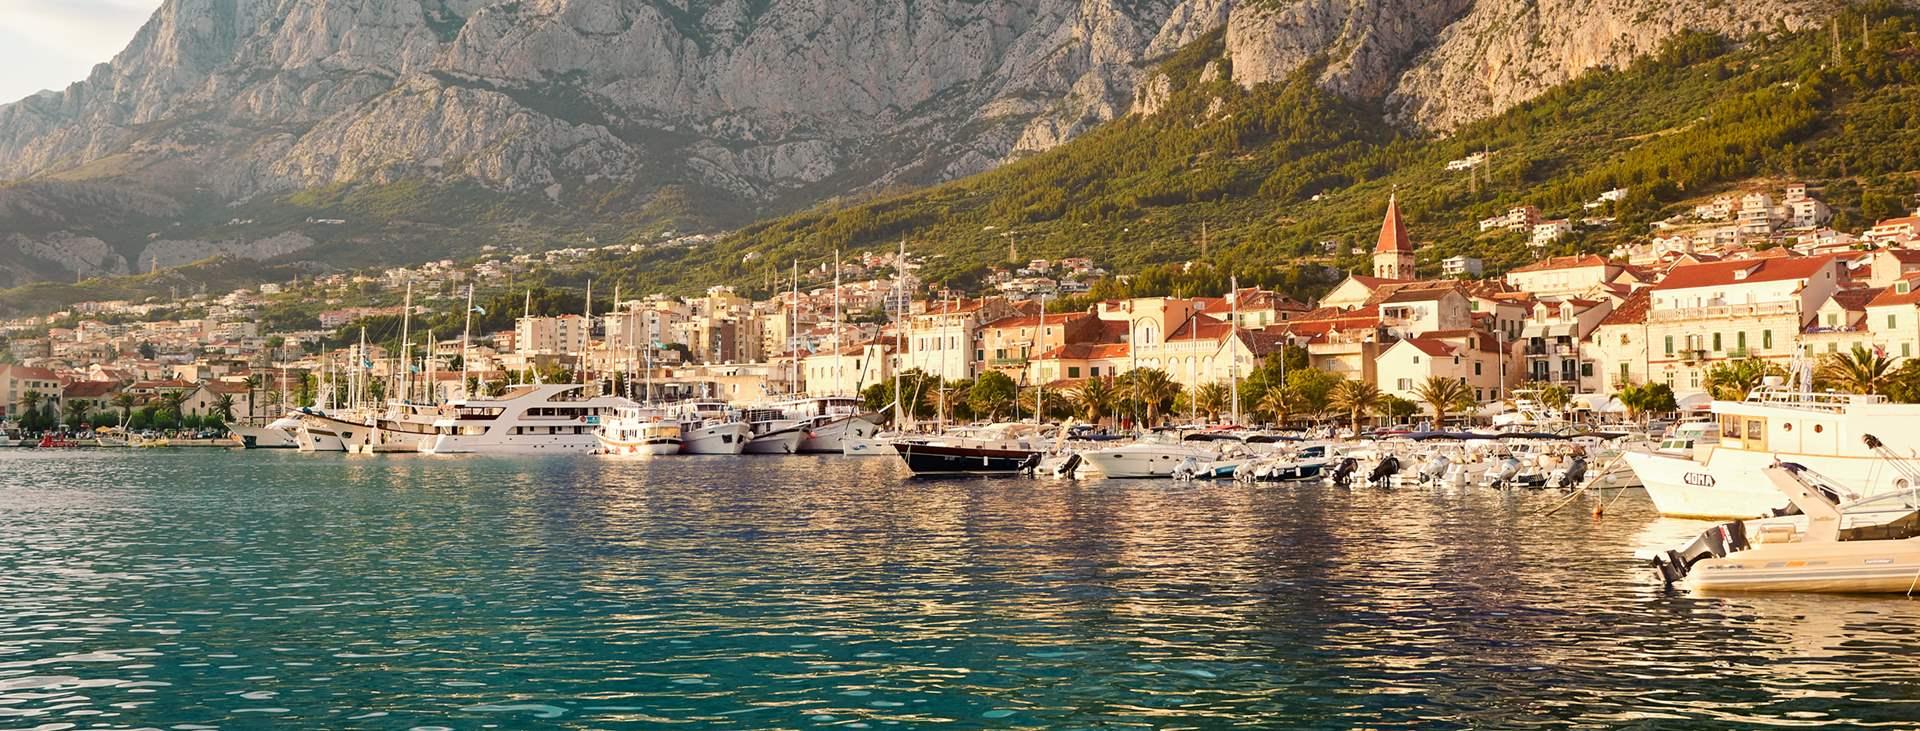 Varaa matka Kroatiaan  - Lento + hotelli